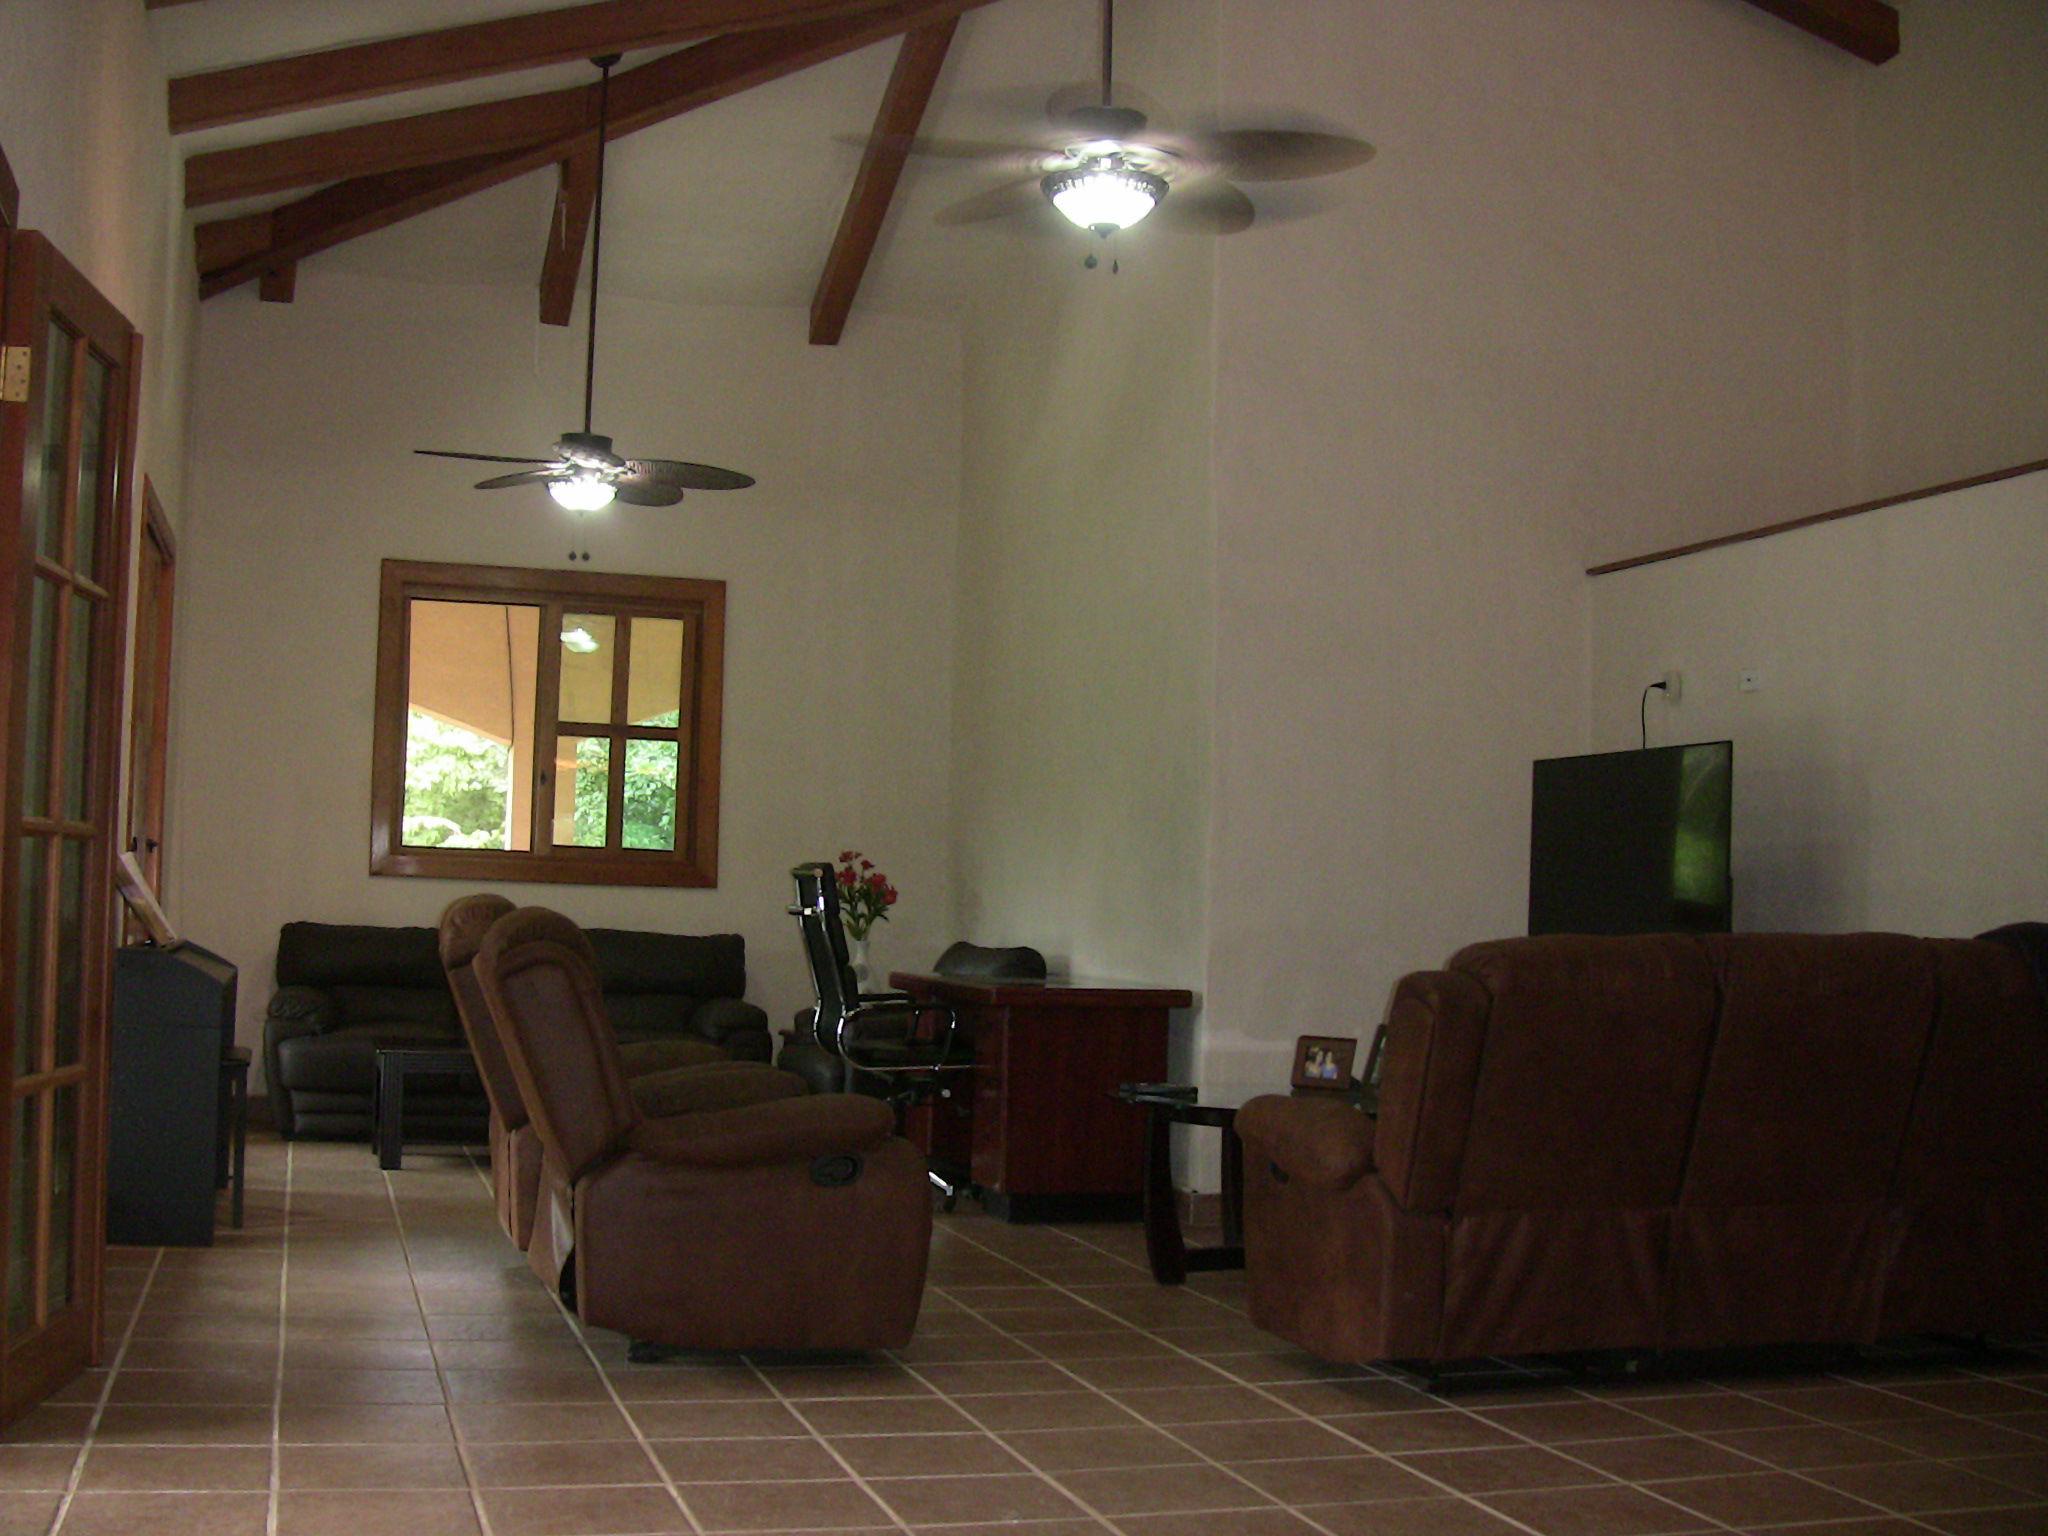 Santa-Fe-Panama-property-veraguasrealty215646005-11.jpg